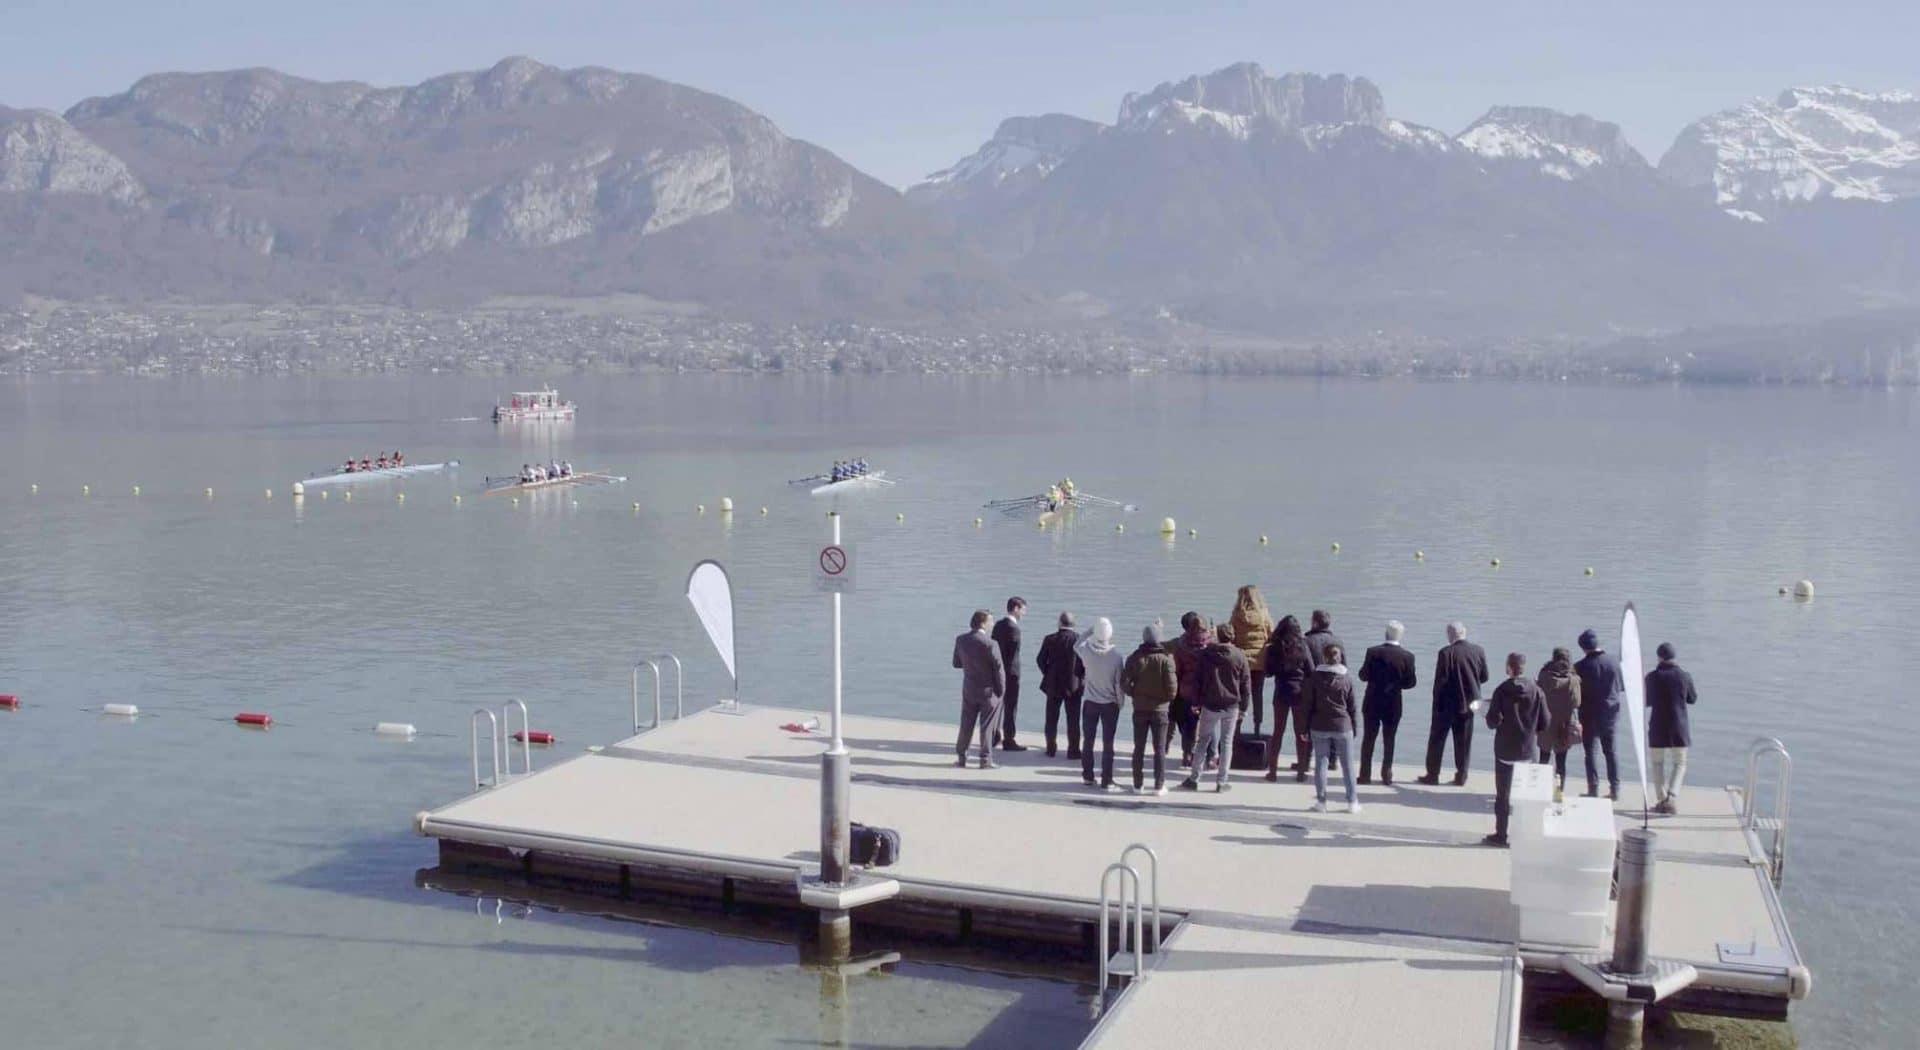 Vidéo aérienne de la série cassande au lac d'annecy